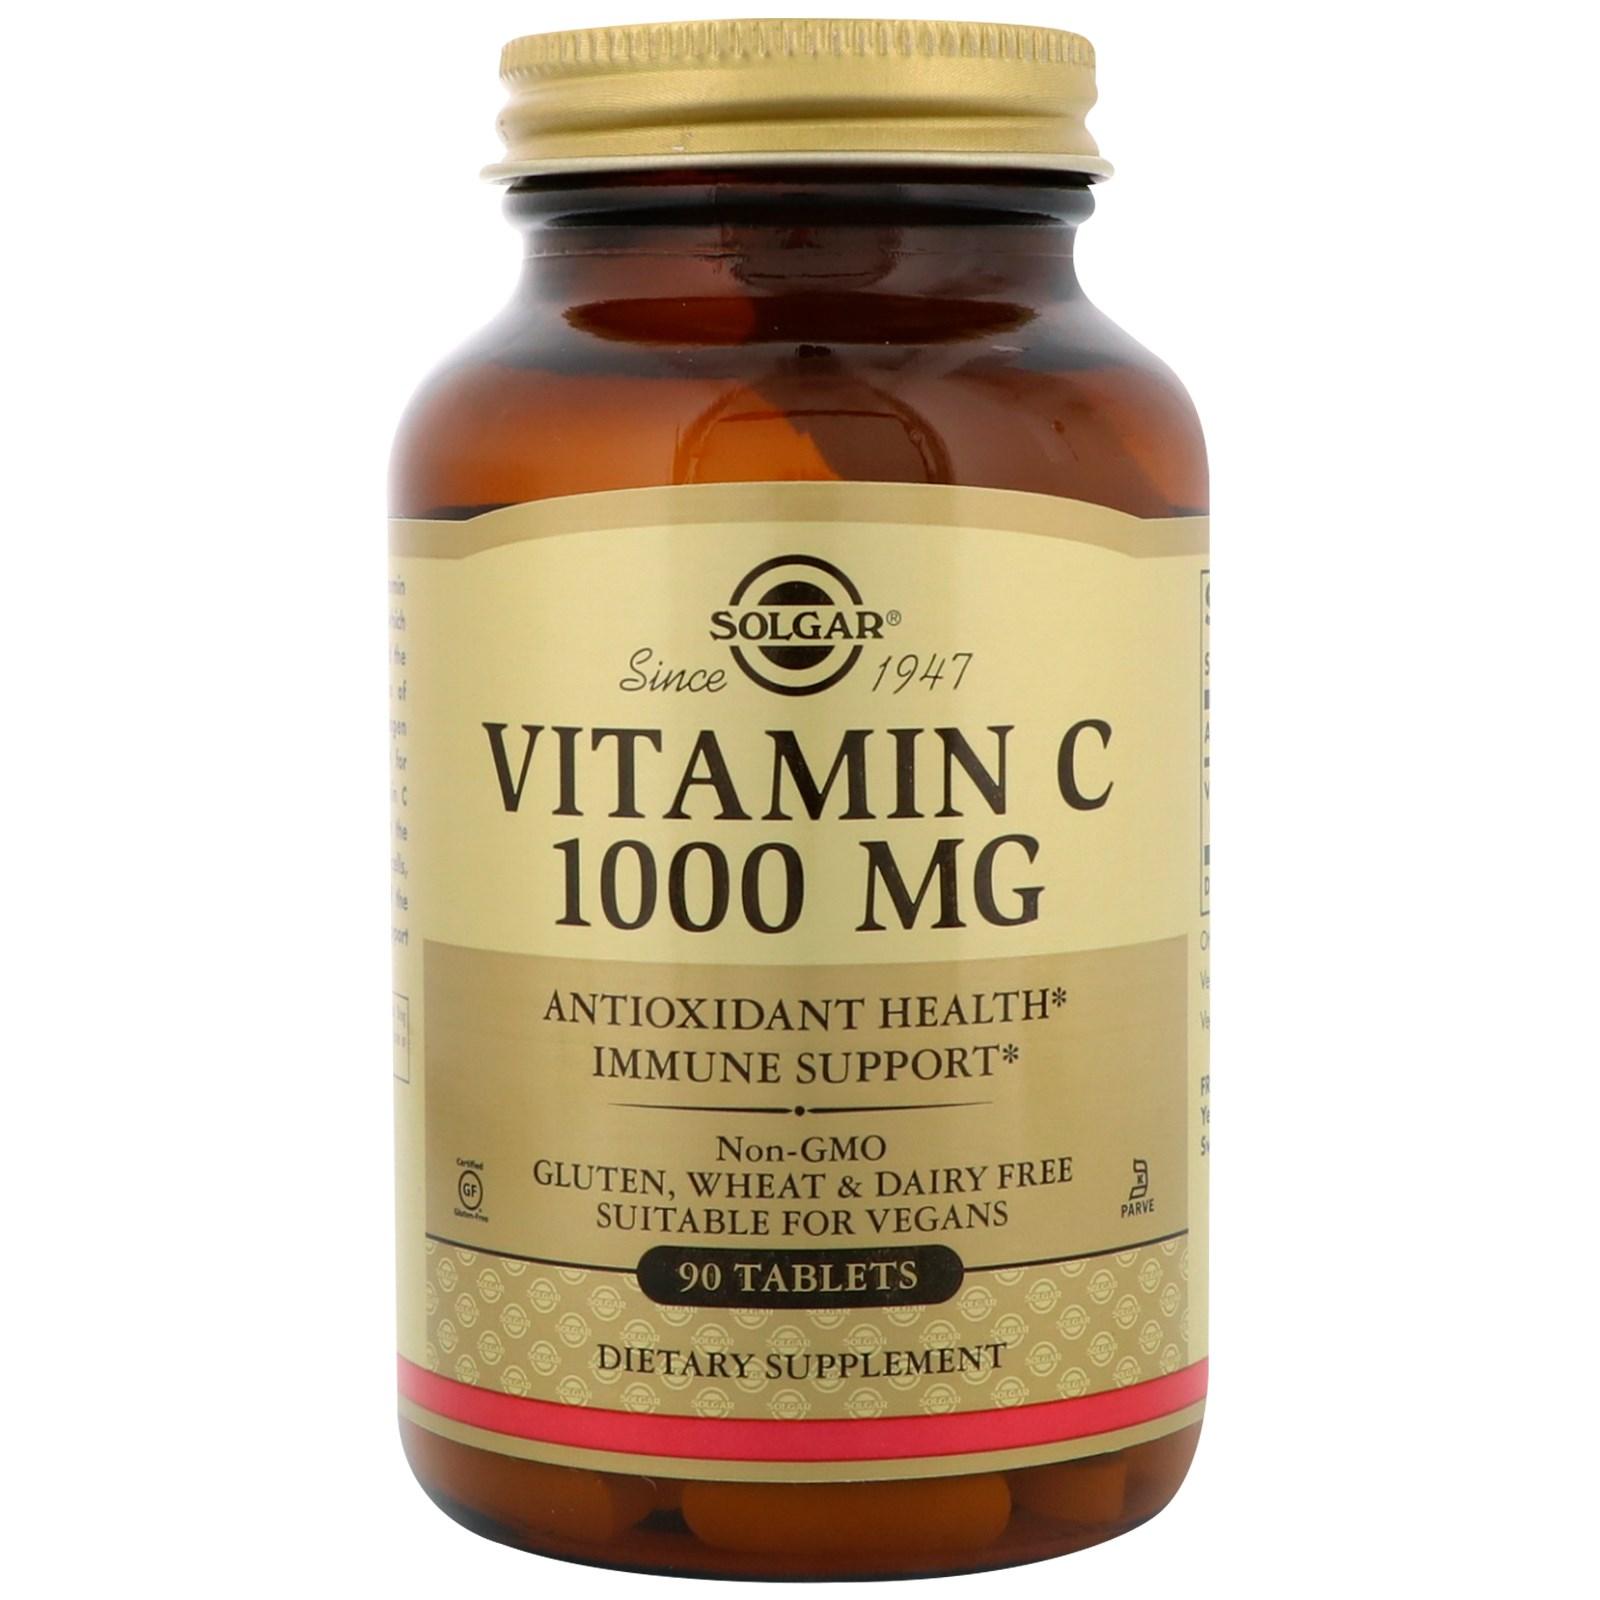 Vitamin C 1000 Mg Pregnancy